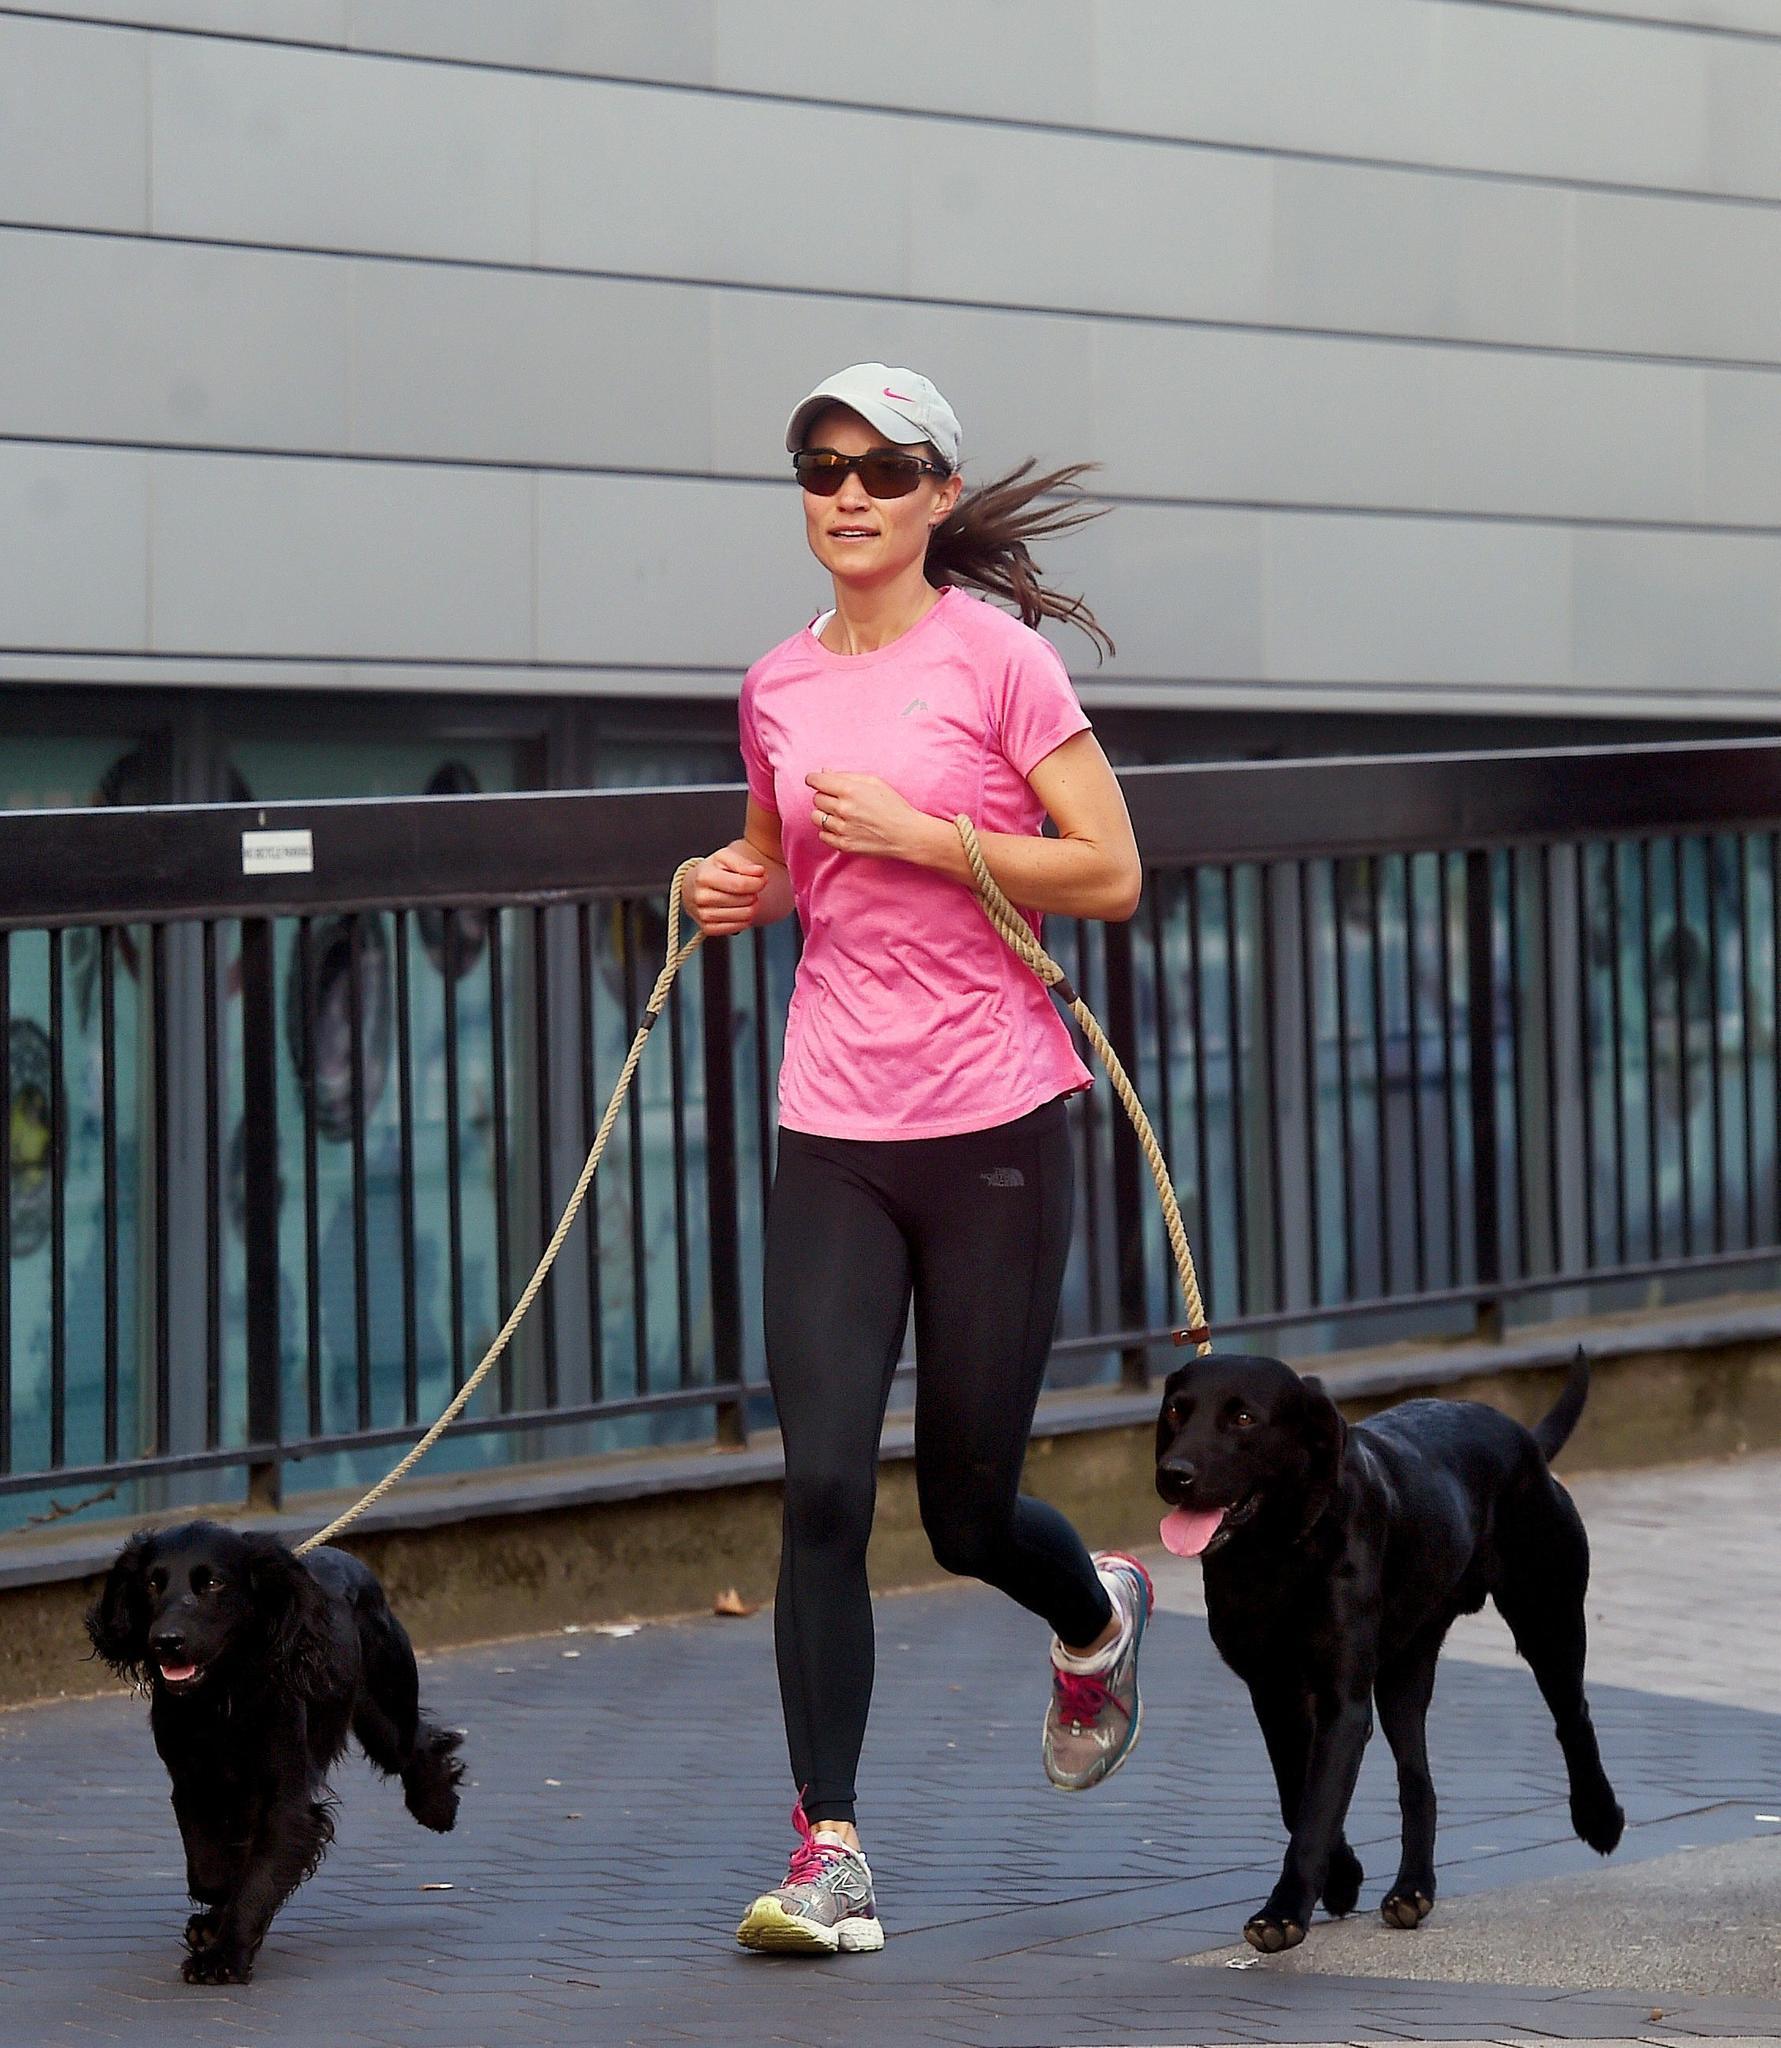 Pippa Middleton joggt mit ihren beiden Hunden durch den Westen Londons. Obwohl sie eine Cap und eine dunkle Sonnenbrille trägt - wahrscheinlich um unerkannt zu bleiben - lenkt sie mit ihrem knalligen Shirt doch die Aufmerksamkeit der Fotografen auf sich.